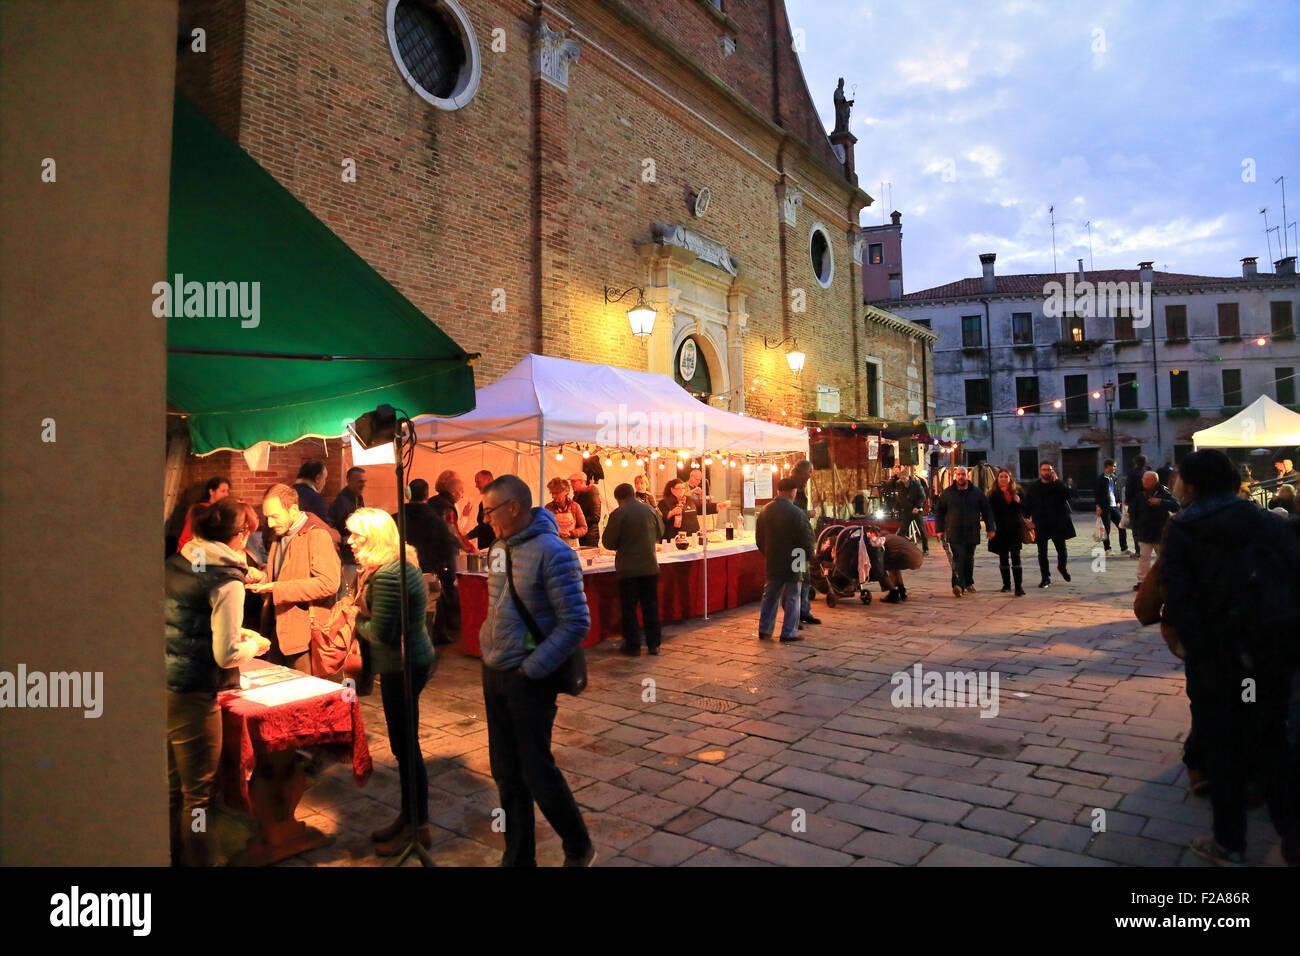 La Festa di San Martino, Venezia Imagen De Stock